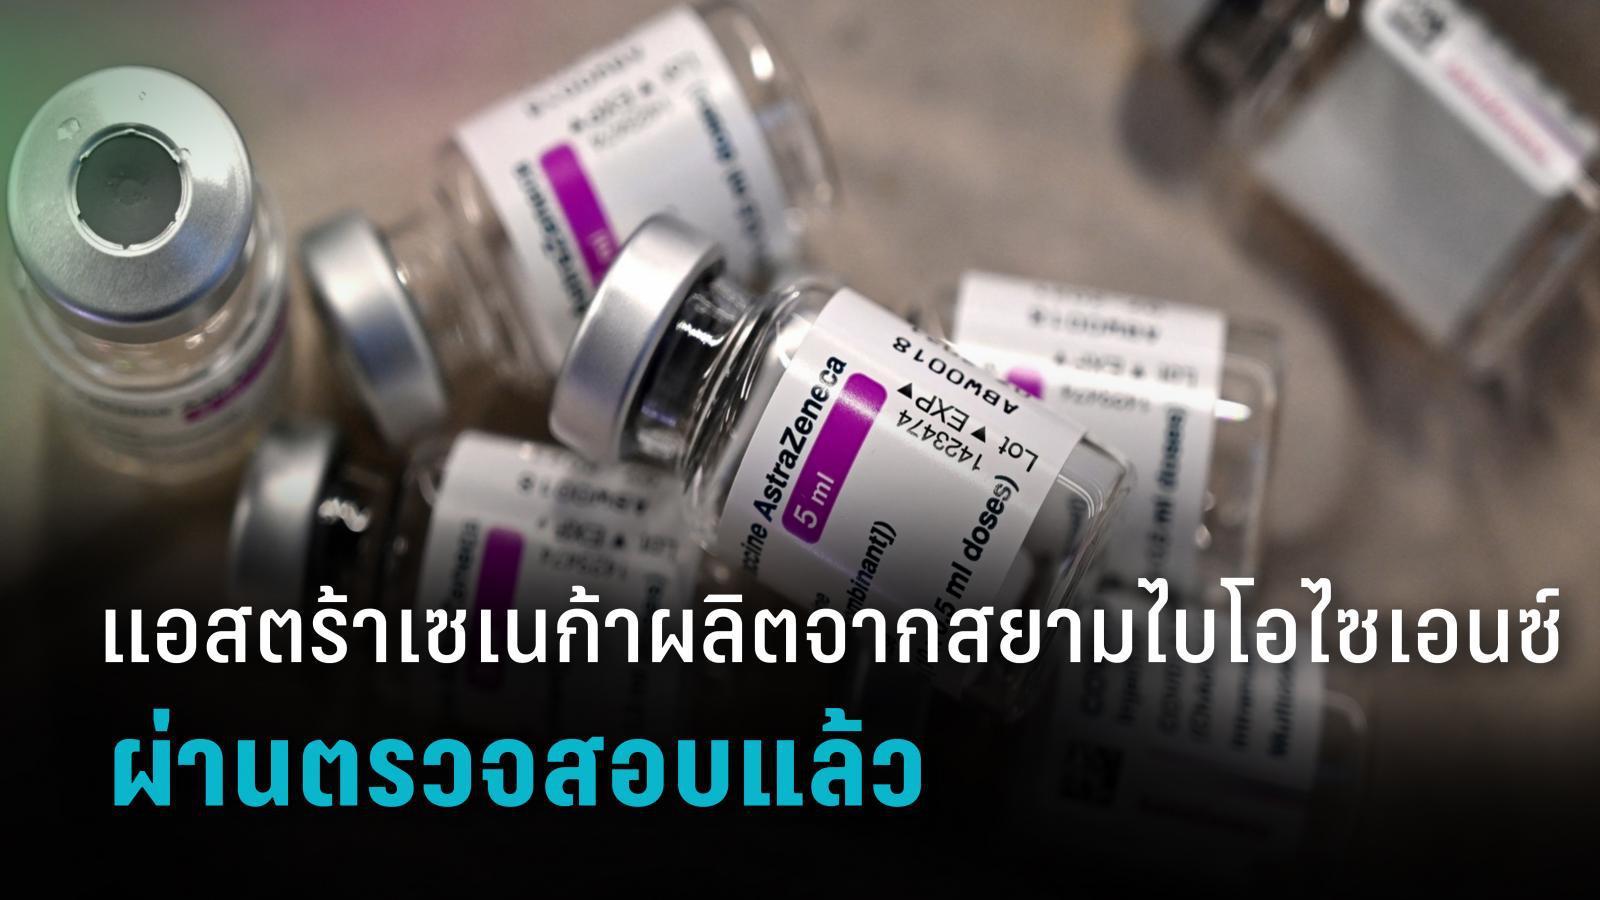 กางปฏิทินวัคซีนโควิดแอสตร้าเซนเนก้า ผลิตโดยสยามไบโอไซเอนซ์  หลังผ่านตรวจสอบจาก ยุโรป-สหรัฐ